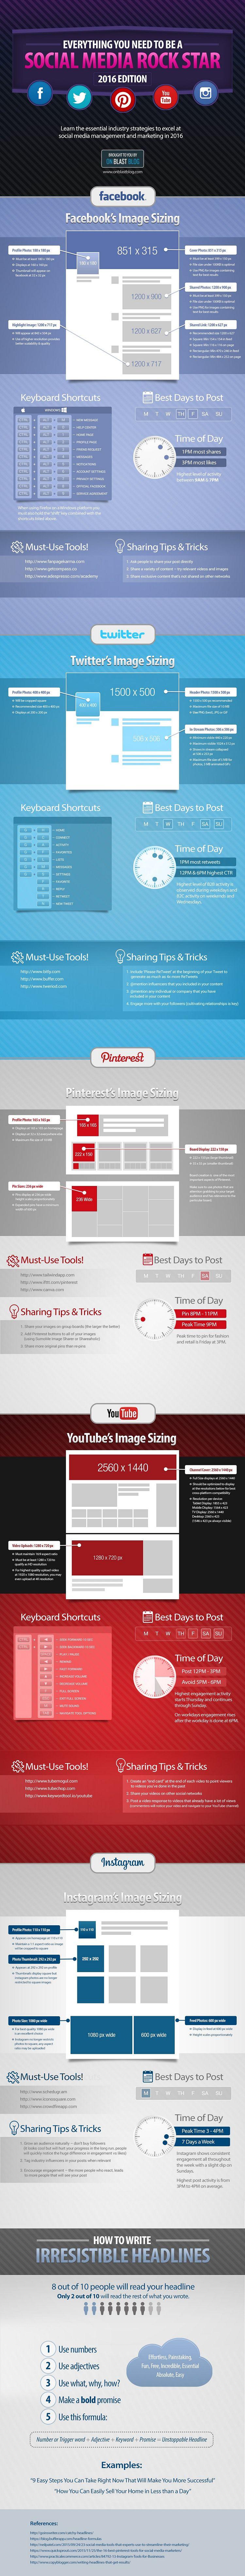 Social Media Strategy Cheat Sheet